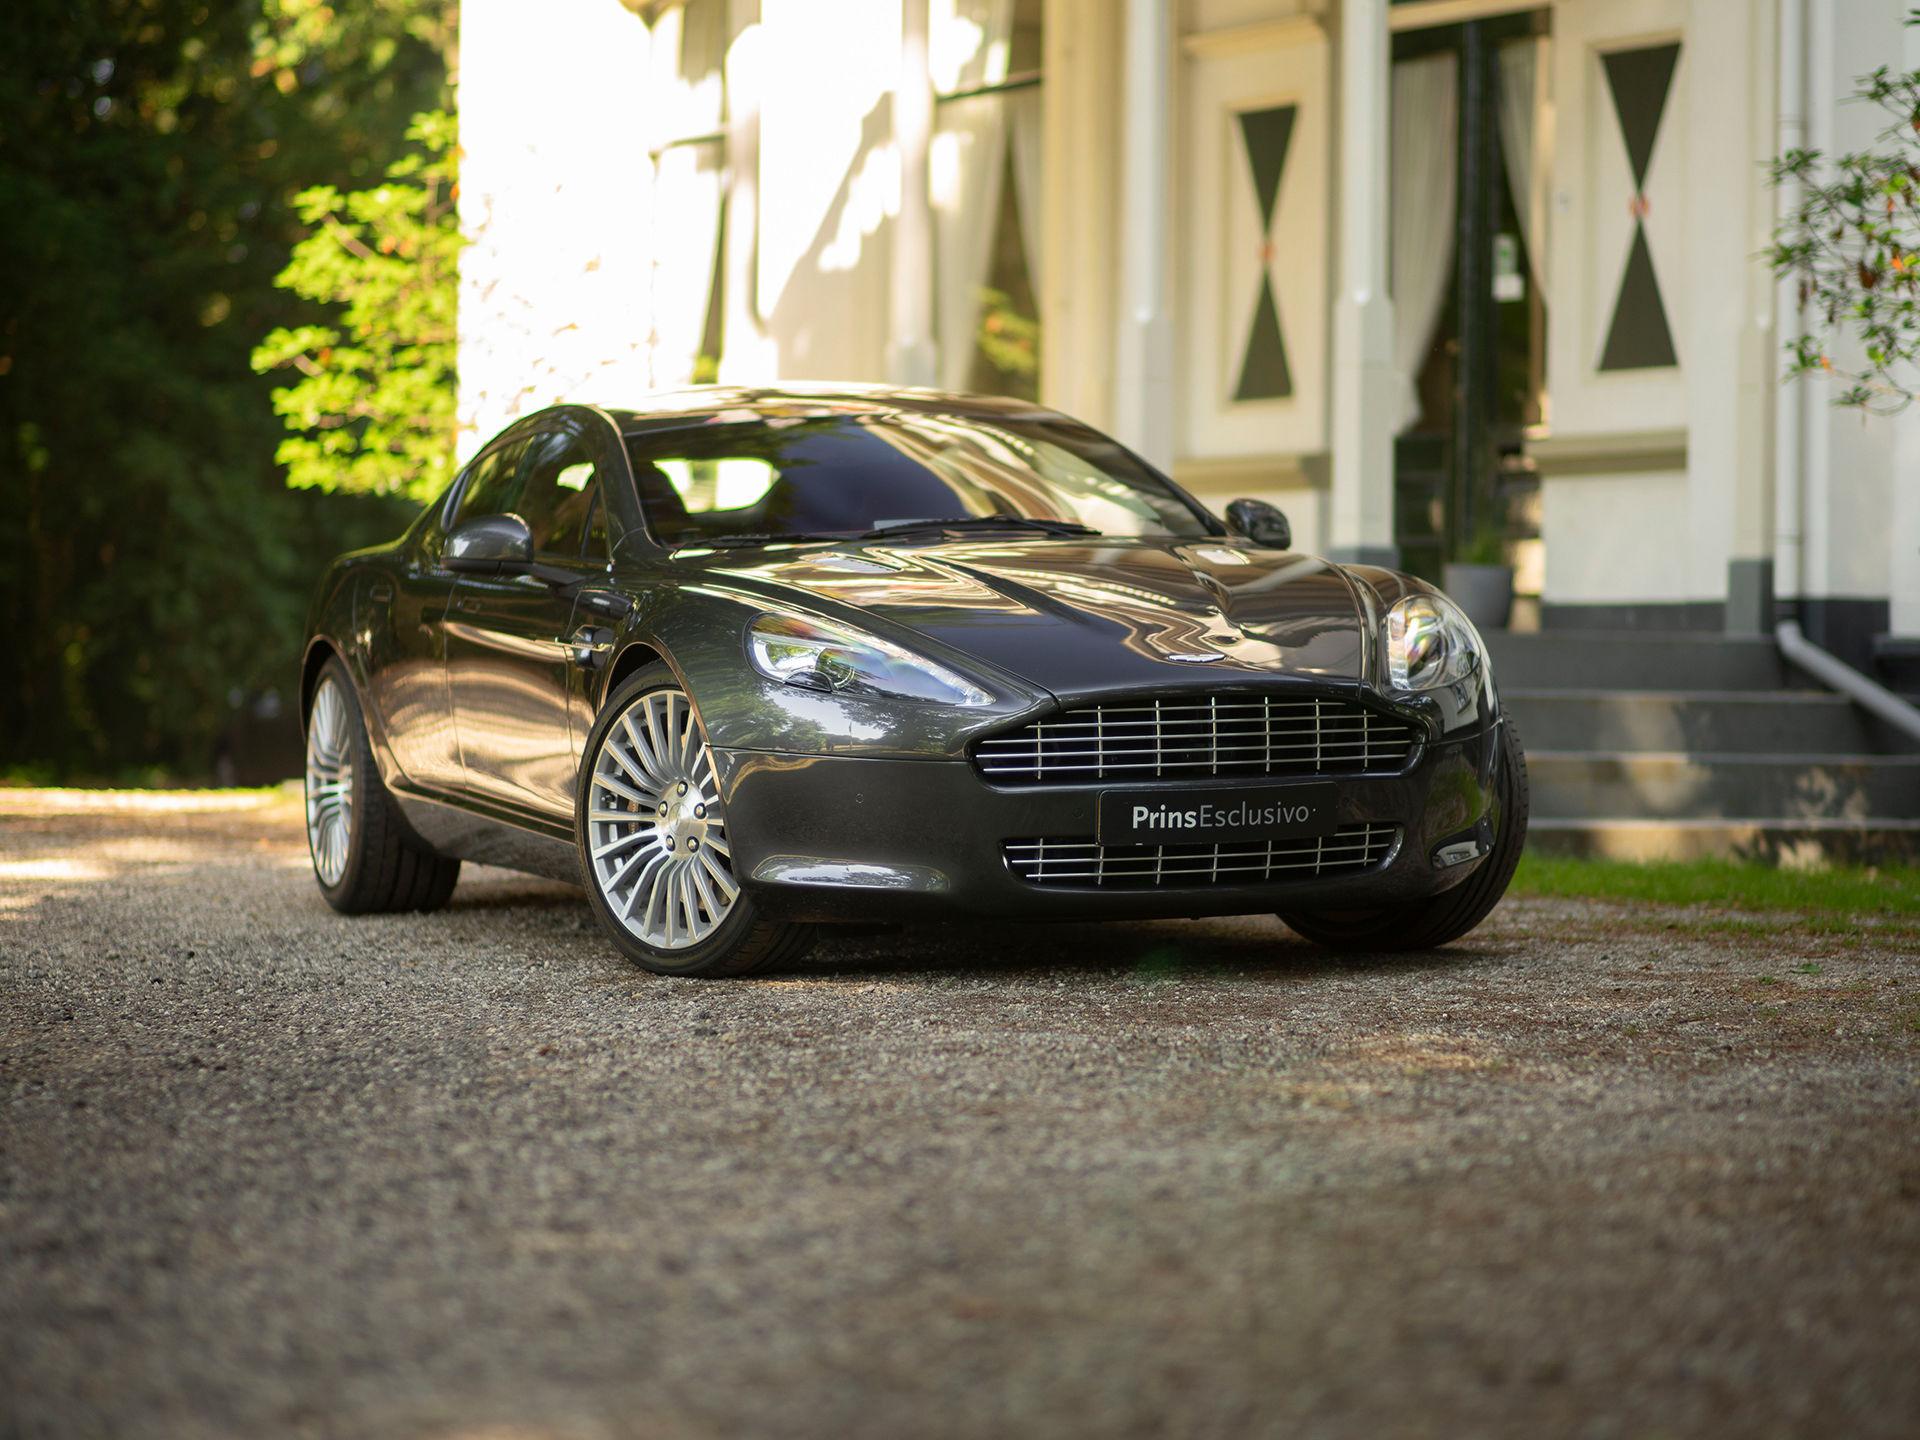 Tweedehands Aston Marin Rapide occasion